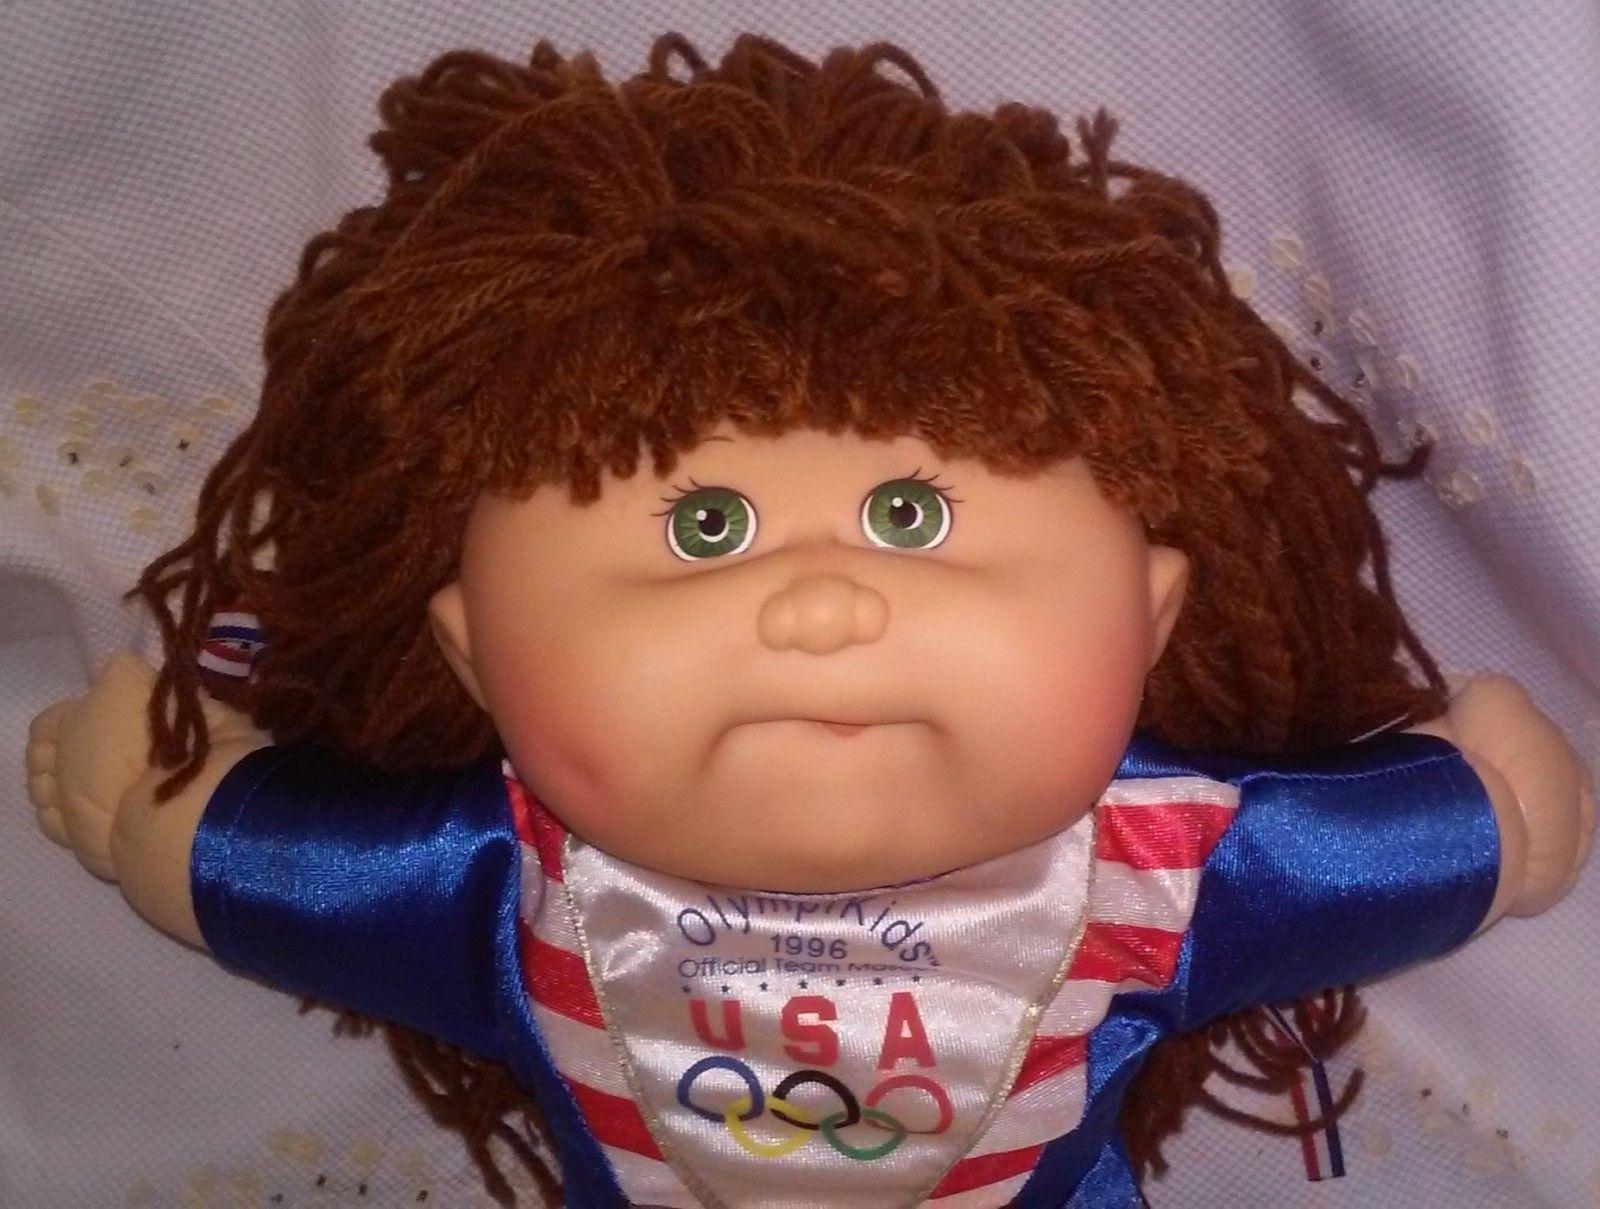 Pin By Mayas Dollshop On Cabbage Patch Kids Cabbage Patch Kids Cabbage Patch Dolls Russian Nesting Dolls